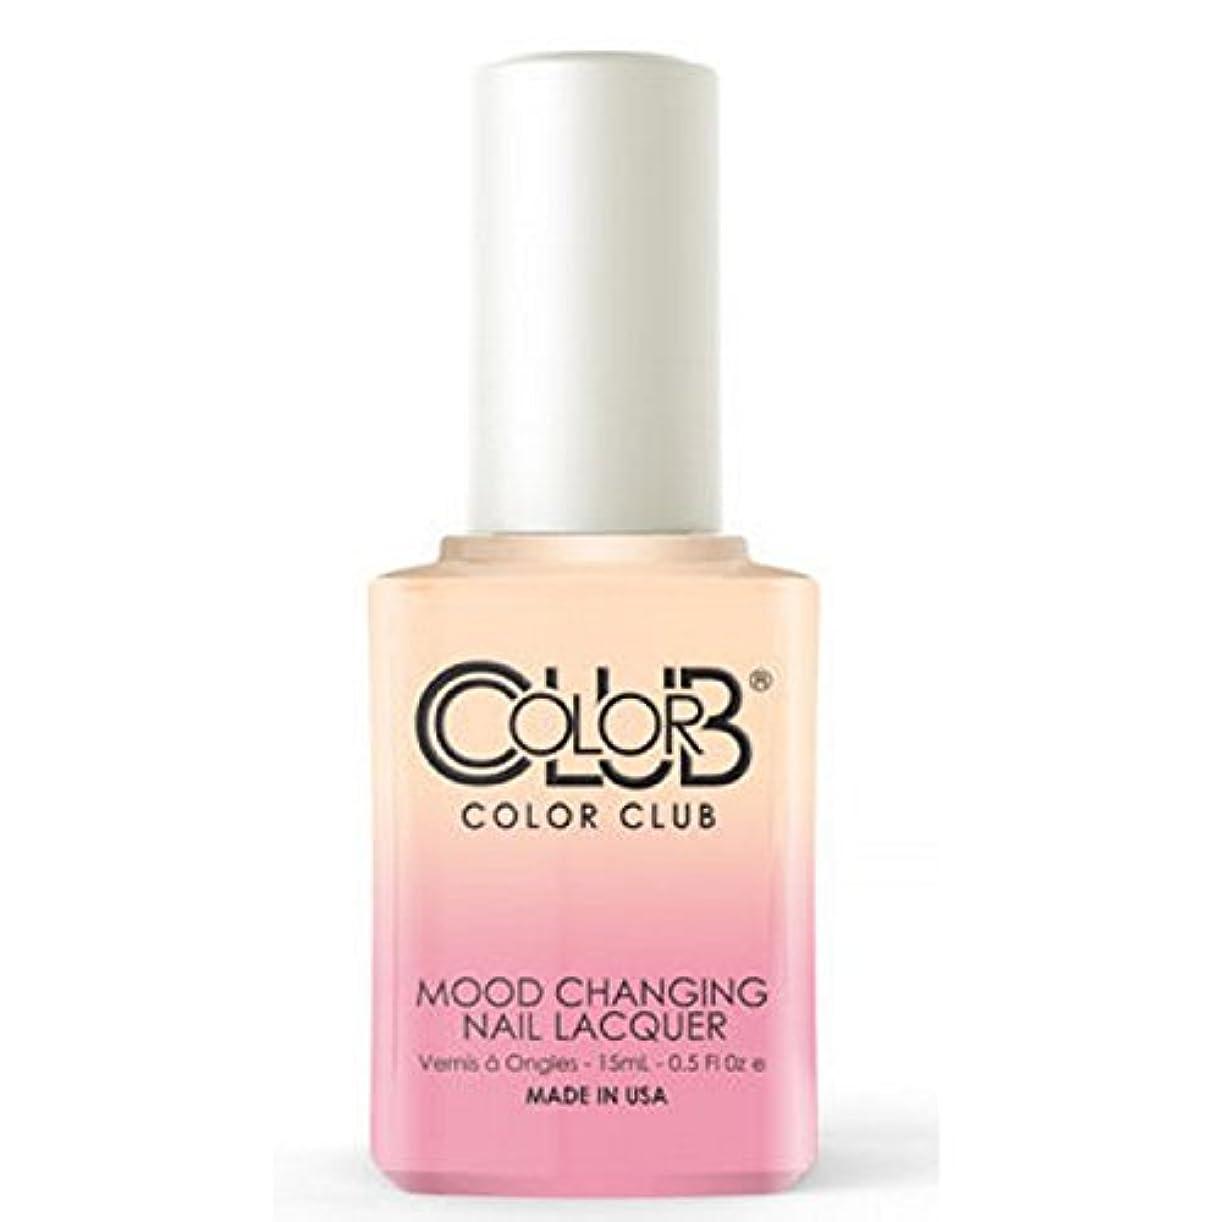 不公平会う兄弟愛Color Club Mood Changing Nail Lacquer - Old Soul - 15 mL / 0.5 fl oz